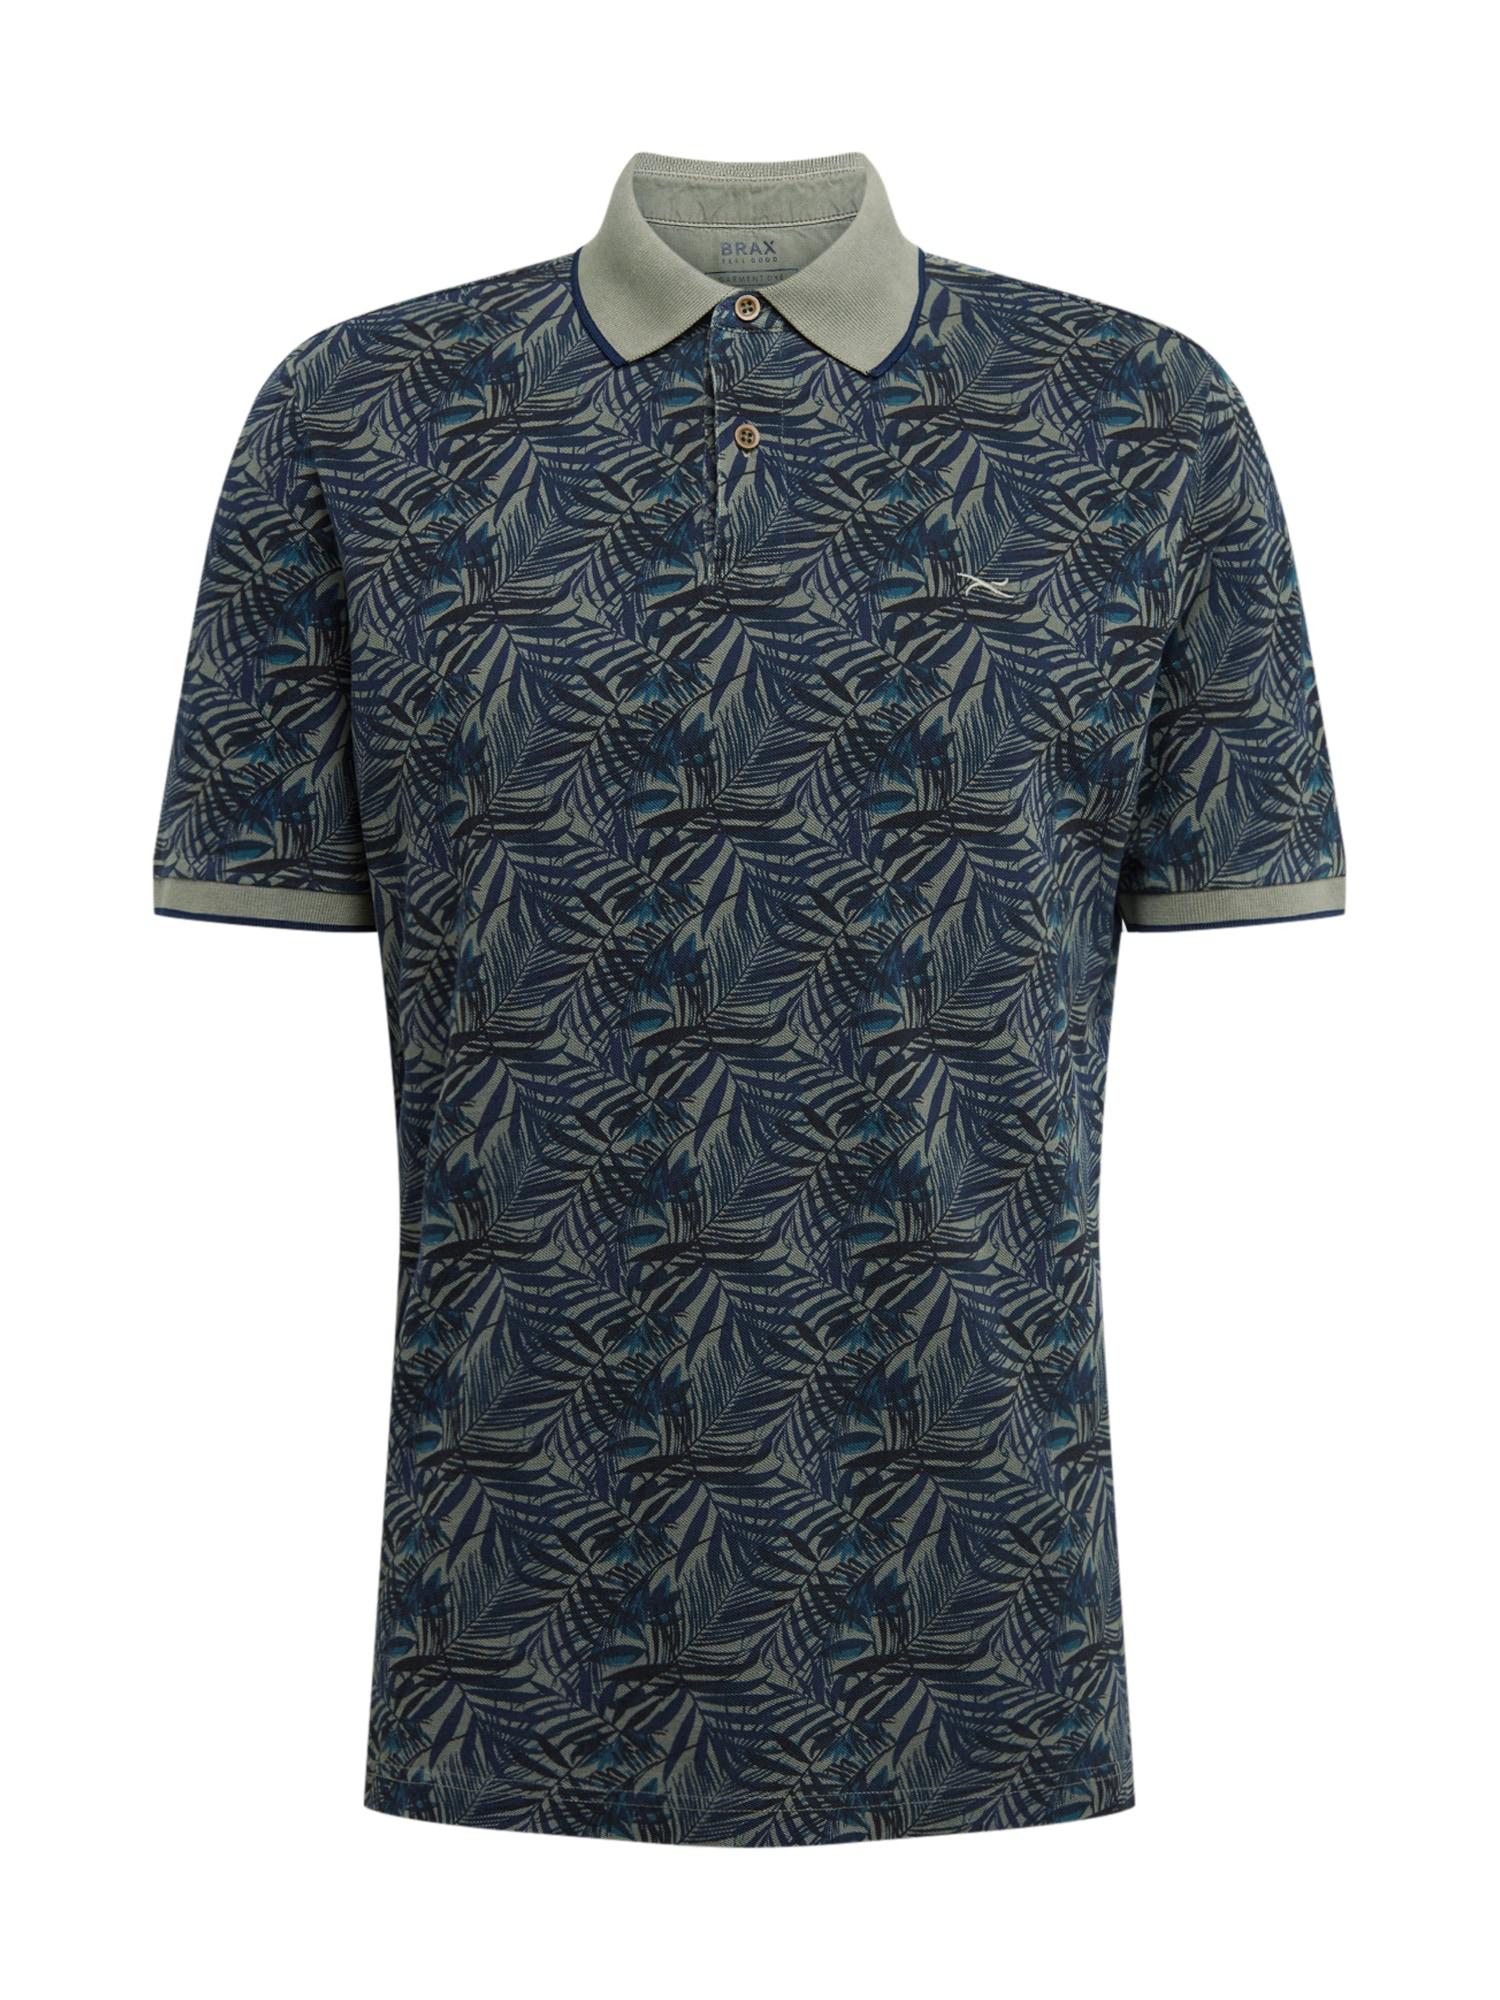 BRAX Marškinėliai 'Pietro' alyvuogių spalva / mėlyna